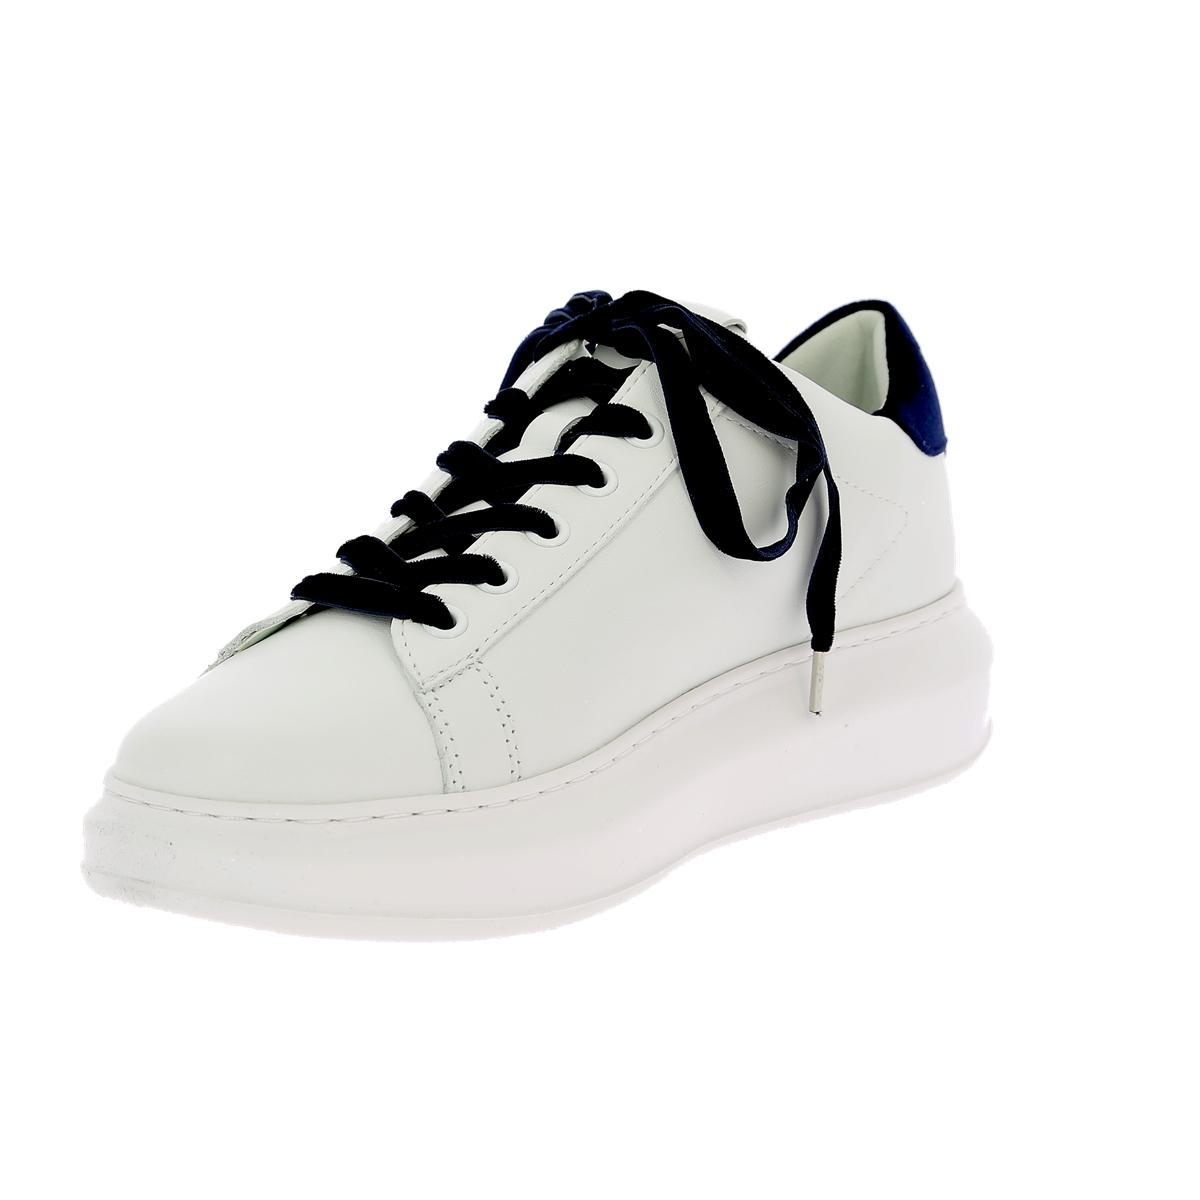 Karl Lagerfeld Sneakers wit